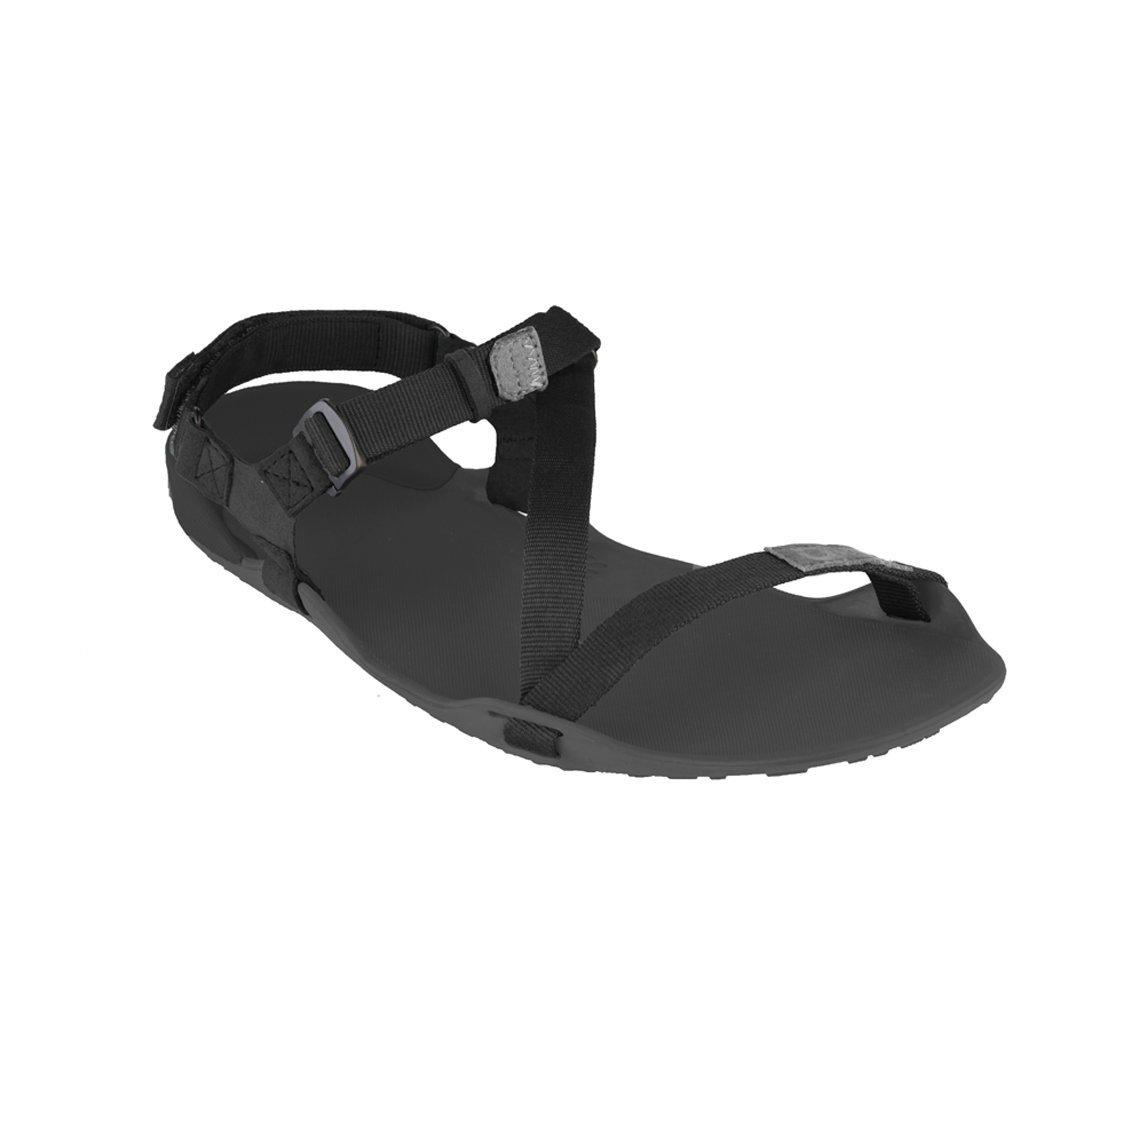 Xero Shoes Barefoot-Inspired Sport Sandals - Z-Trek - Women - Coal Black/Black - 9 M US